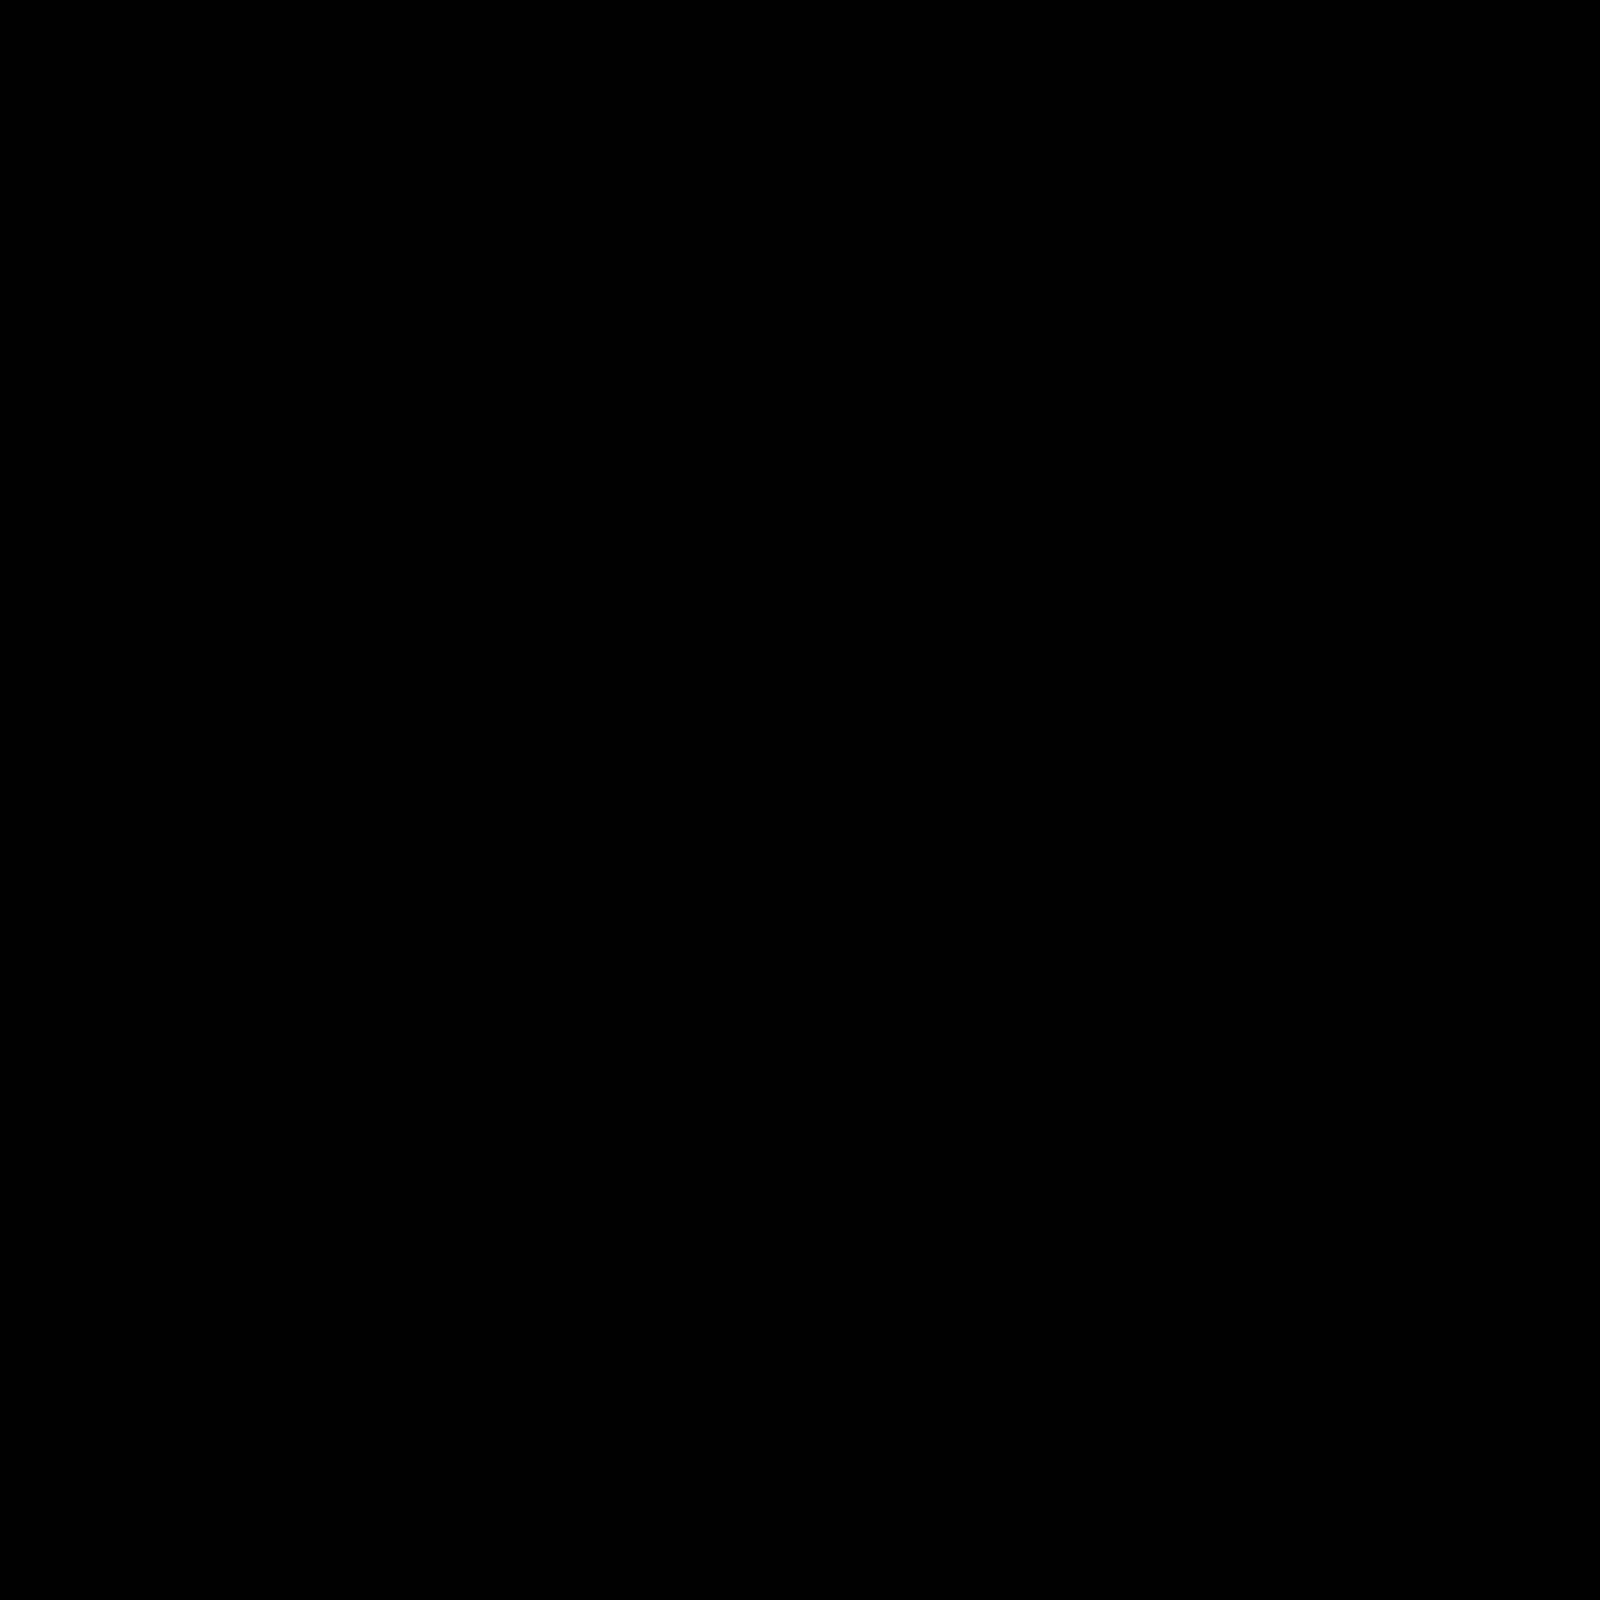 Maneki Filled icon